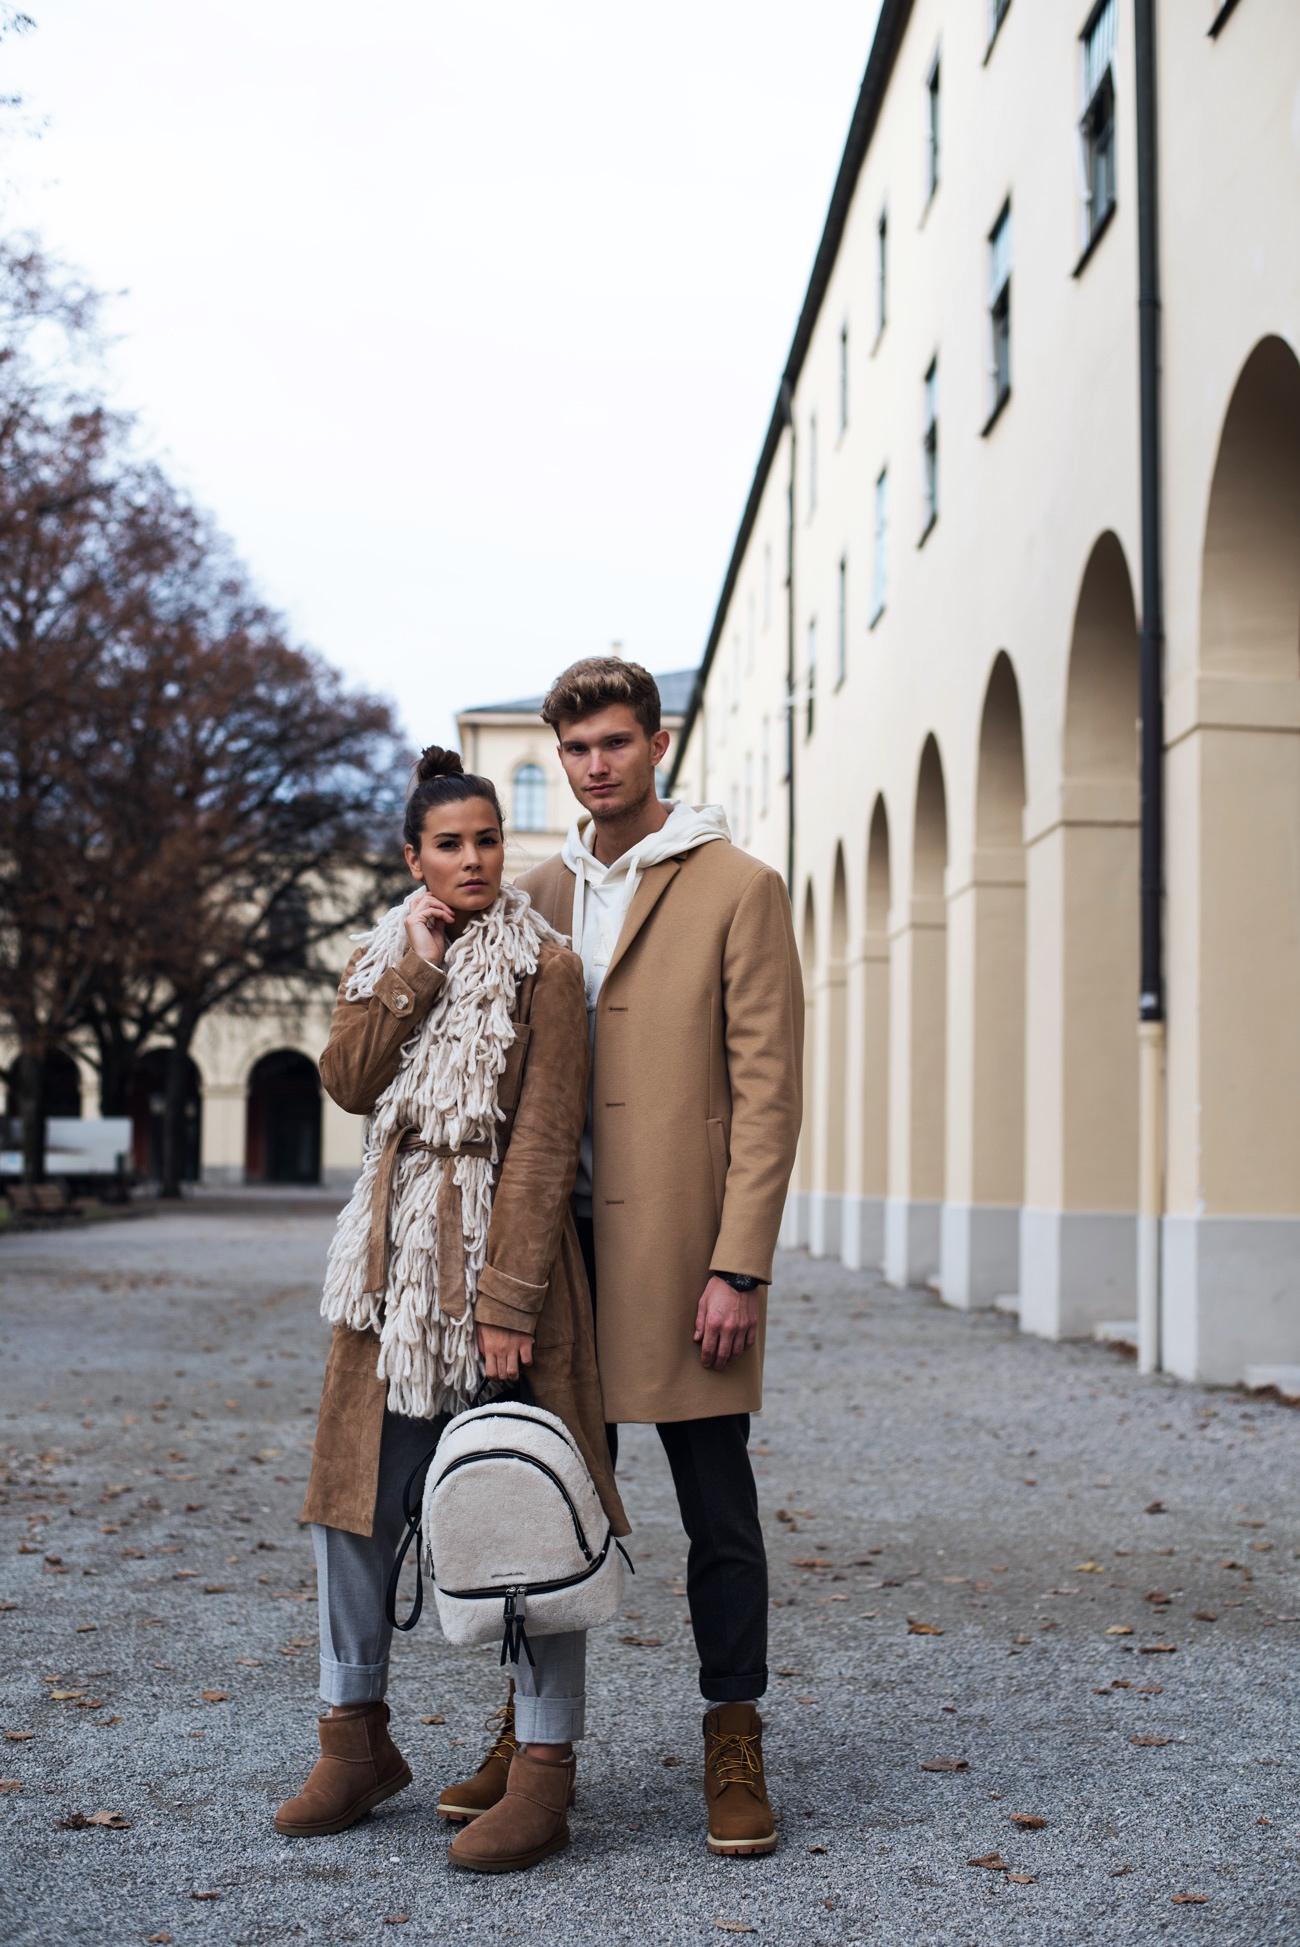 blogger-couple-germany-munich-blog-paerchen-deutschland-muenchen-fashiioncarpet